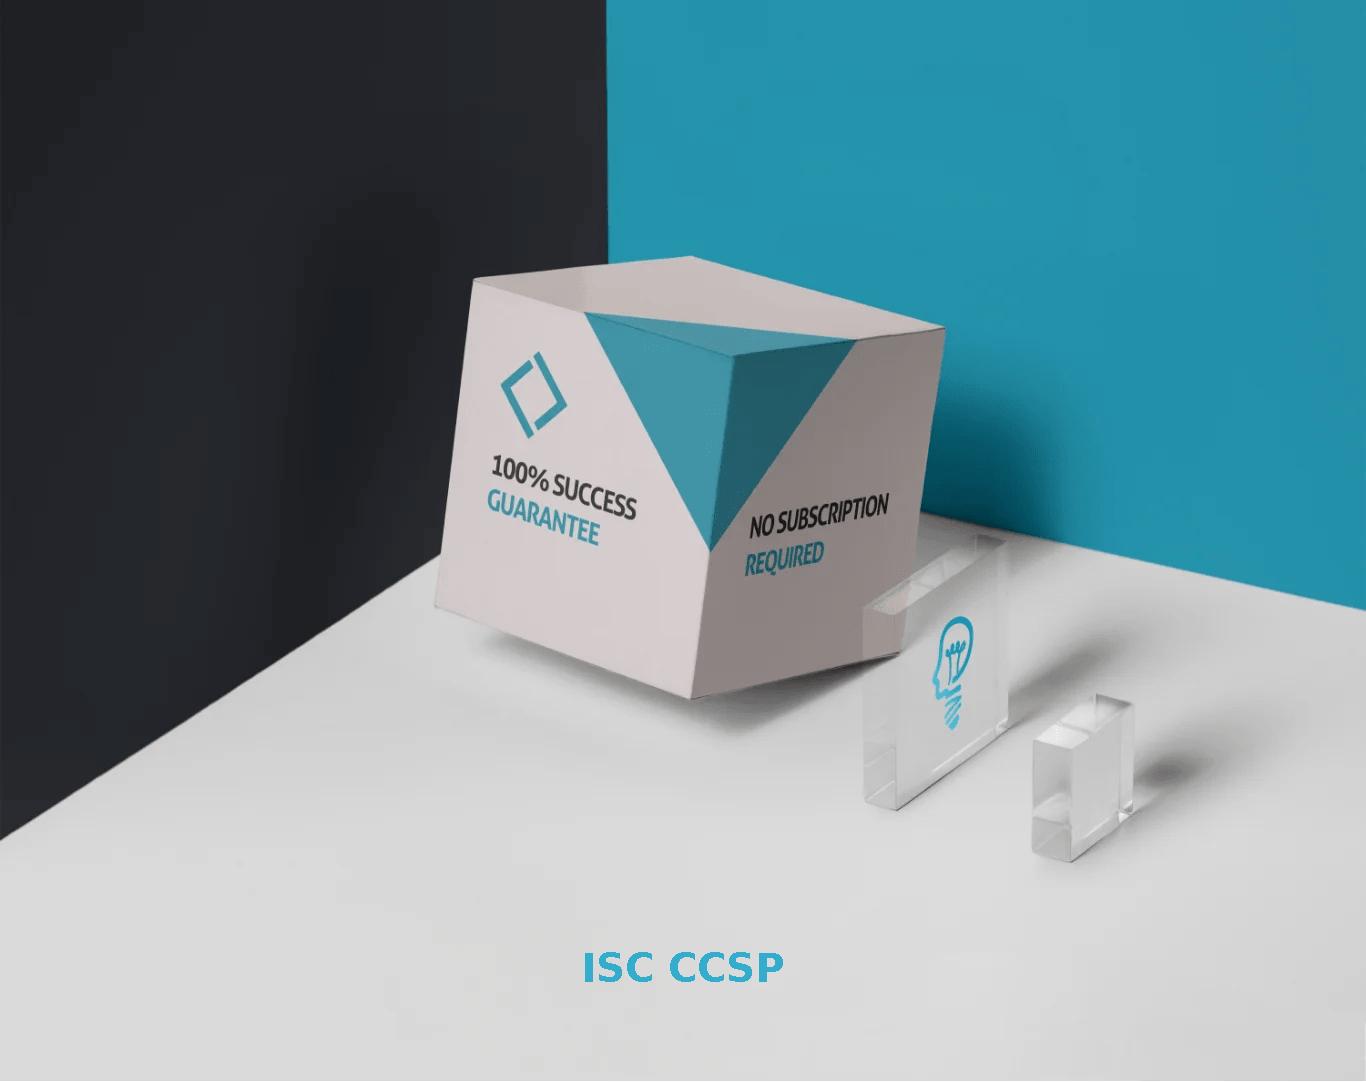 ISC CCSP Exams